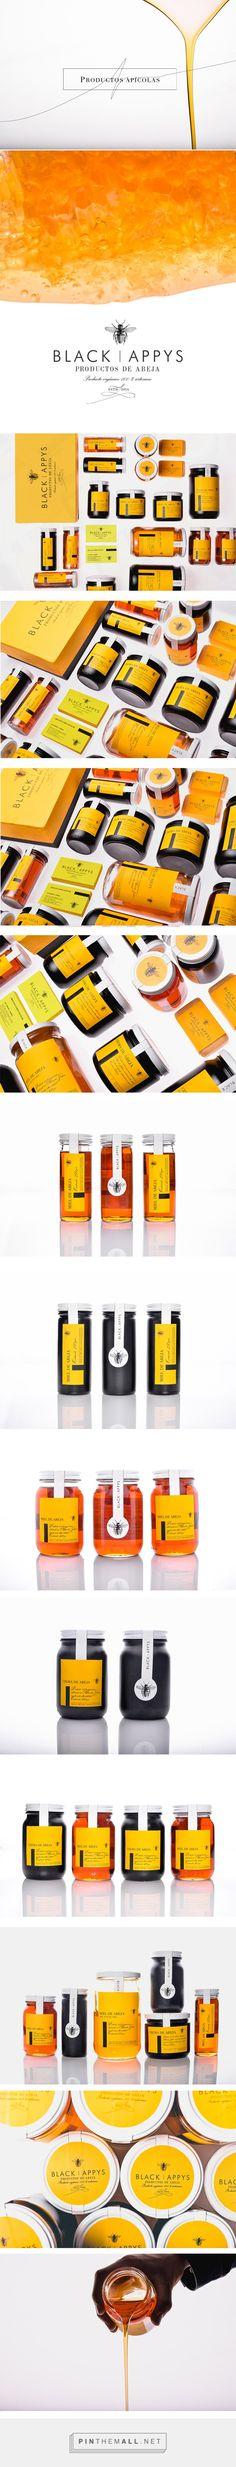 Black Appys on Behance by Daniel Barba, Guadalajara, Mexico curated by Packaging Diva PD. Proyecto de identidad para una marca emergente de productos derivados de la abaja, que incluyen miel, propoleo, jalea, cosméticos y jabones de tocador.